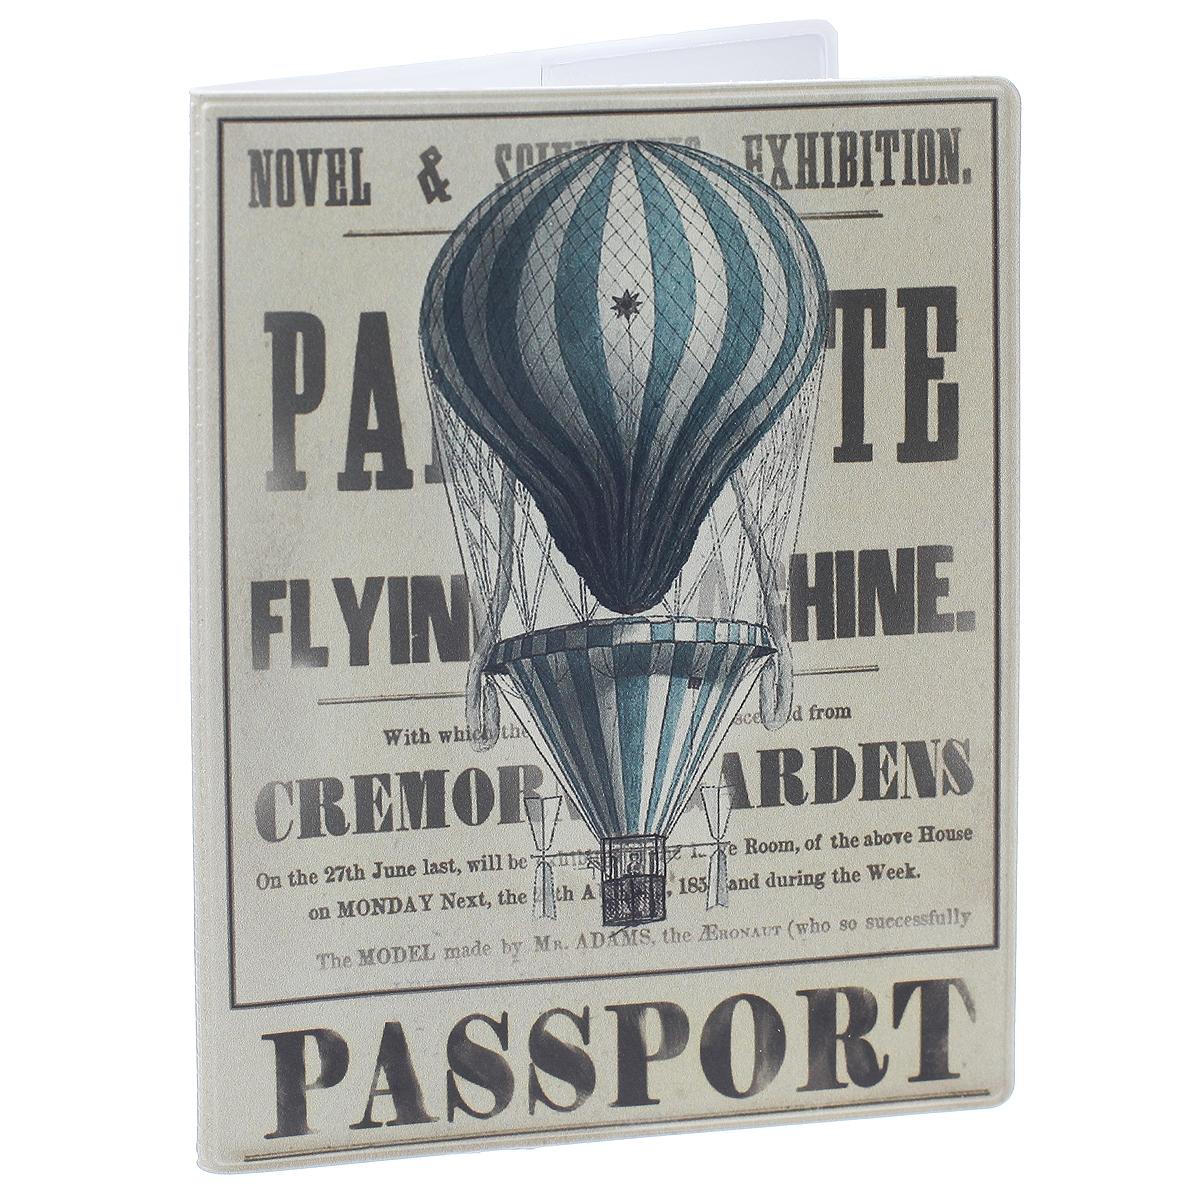 Обложка для паспорта Воздушный шар, цвет: серый. 35690OK277Обложка для паспорта Воздушный шар не только поможет сохранить внешний вид ваших документов и защитить их от повреждений, но и станет стильным аксессуаром, идеально подходящим вашему образу. Обложка выполнена из поливинилхлорида и оформлена оригинальным изображением воздушного шара. Внутри имеет два вертикальных кармана из прозрачного пластика. Такая обложка поможет вам подчеркнуть свою индивидуальность и неповторимость!